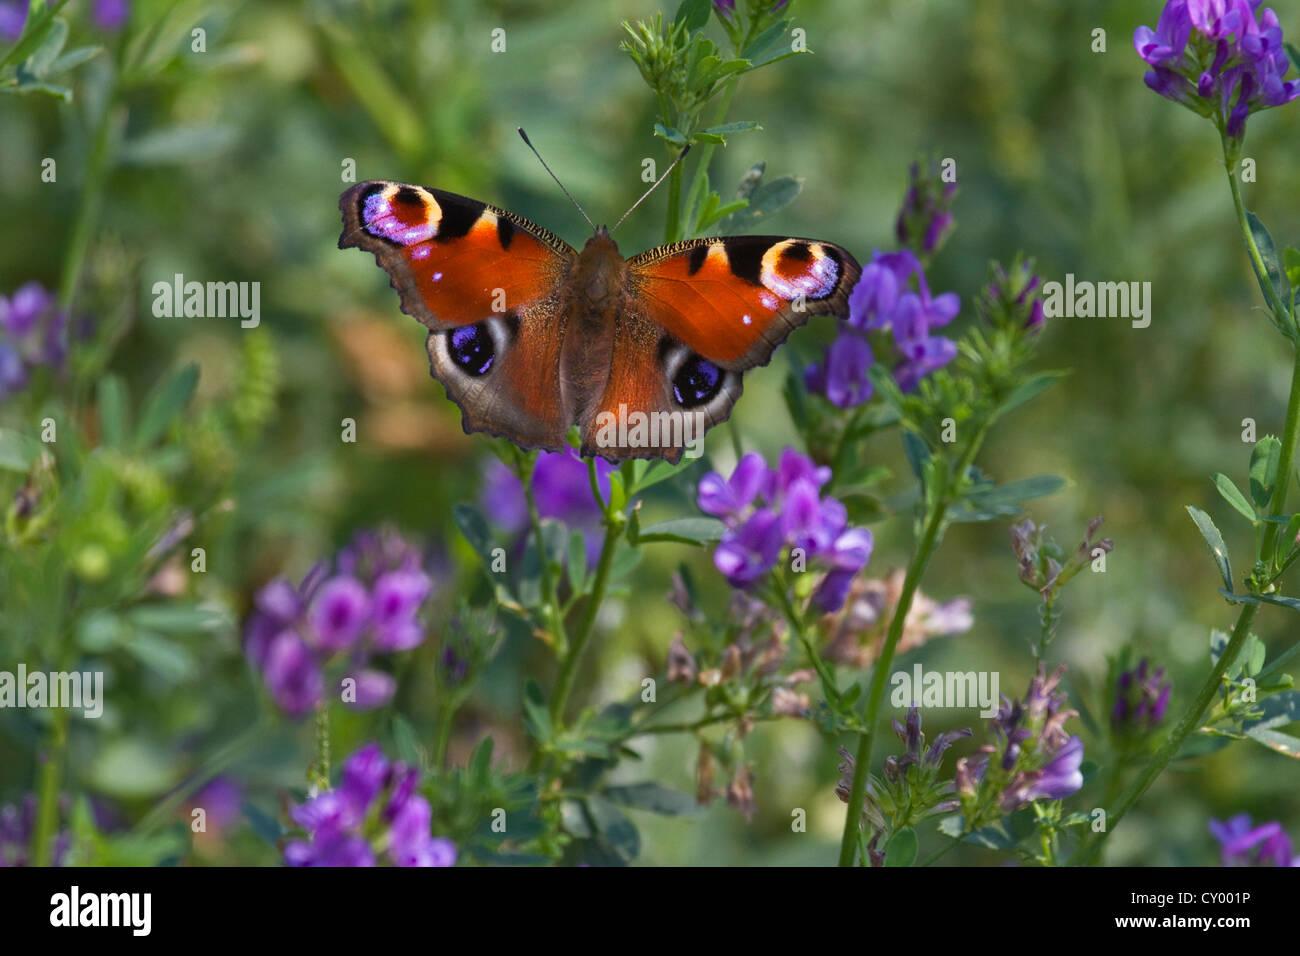 Unione farfalla pavone (Aglais io / Inachis io) sui fiori selvatici in Prato Immagini Stock